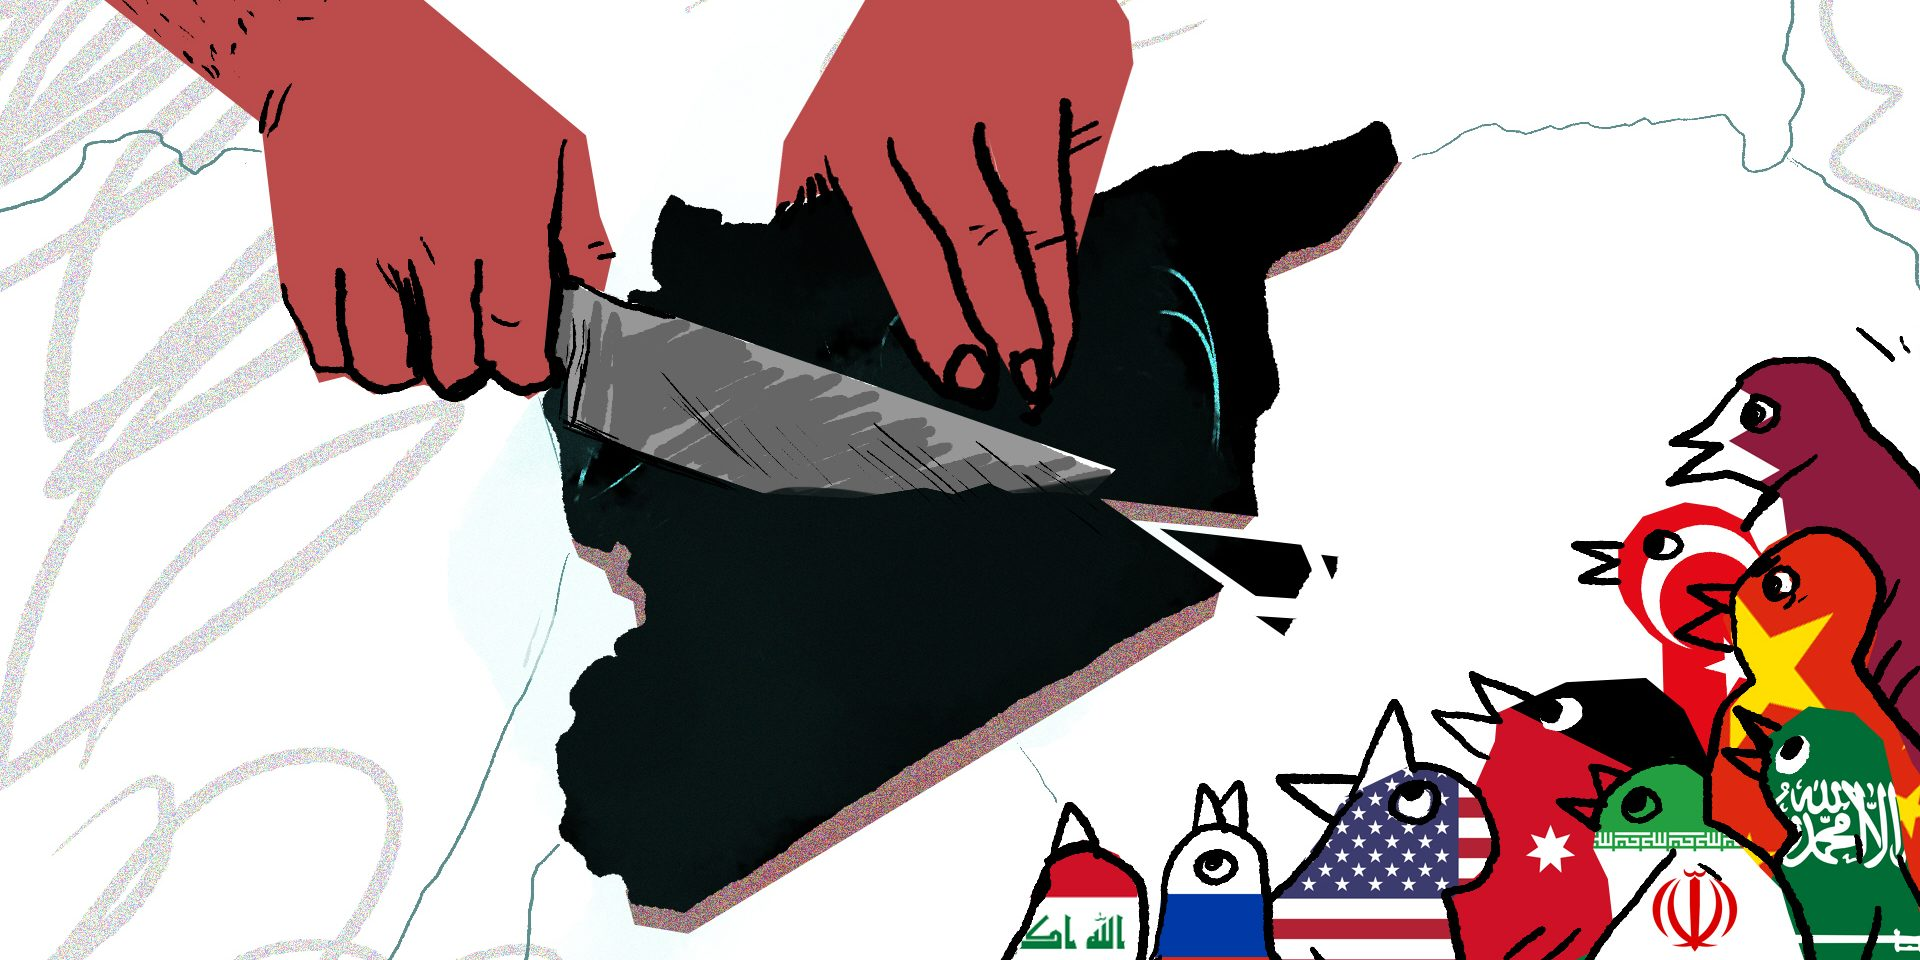 Fredsförhandlingarna går inte framåt och återuppbyggnad kräver investeringar, men vem ska betala – och till vem?